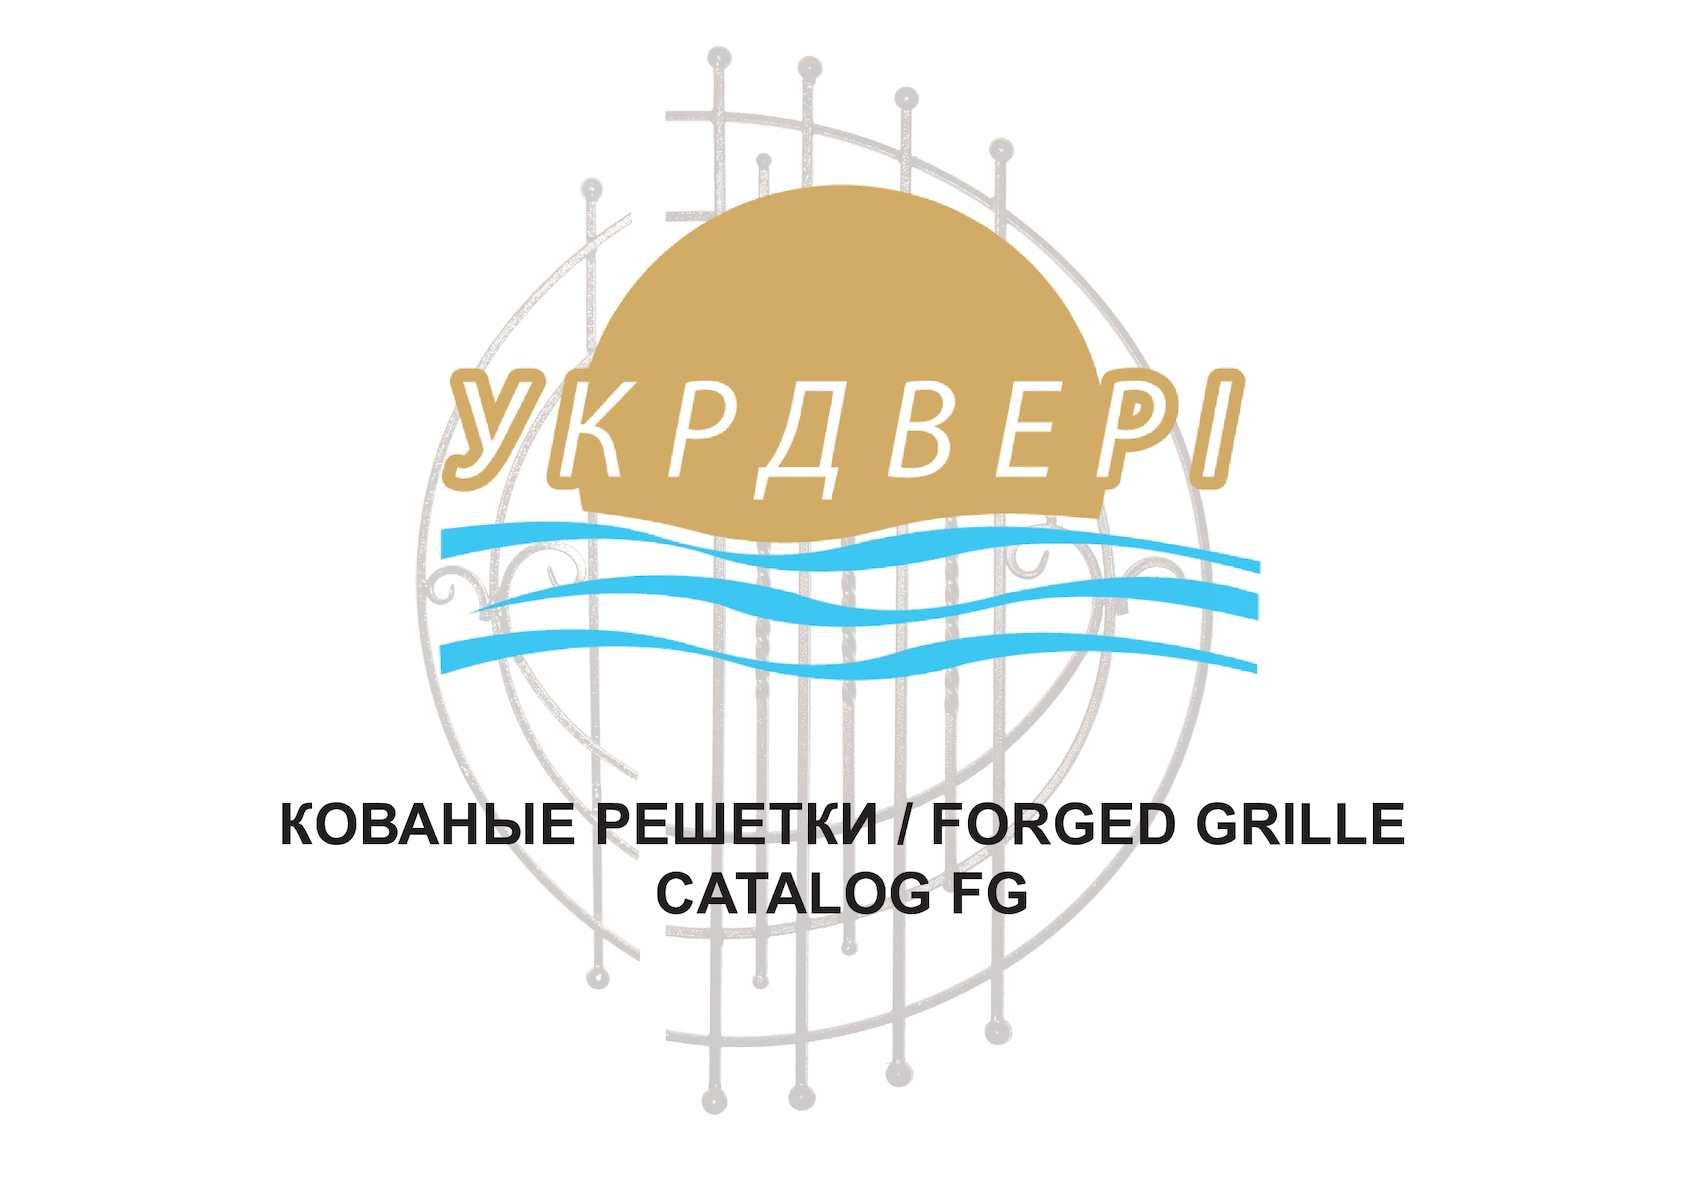 КАТАЛОГ КОВАНЫЕ РЕШЕТКИ / FORGED GRILLE (FG)